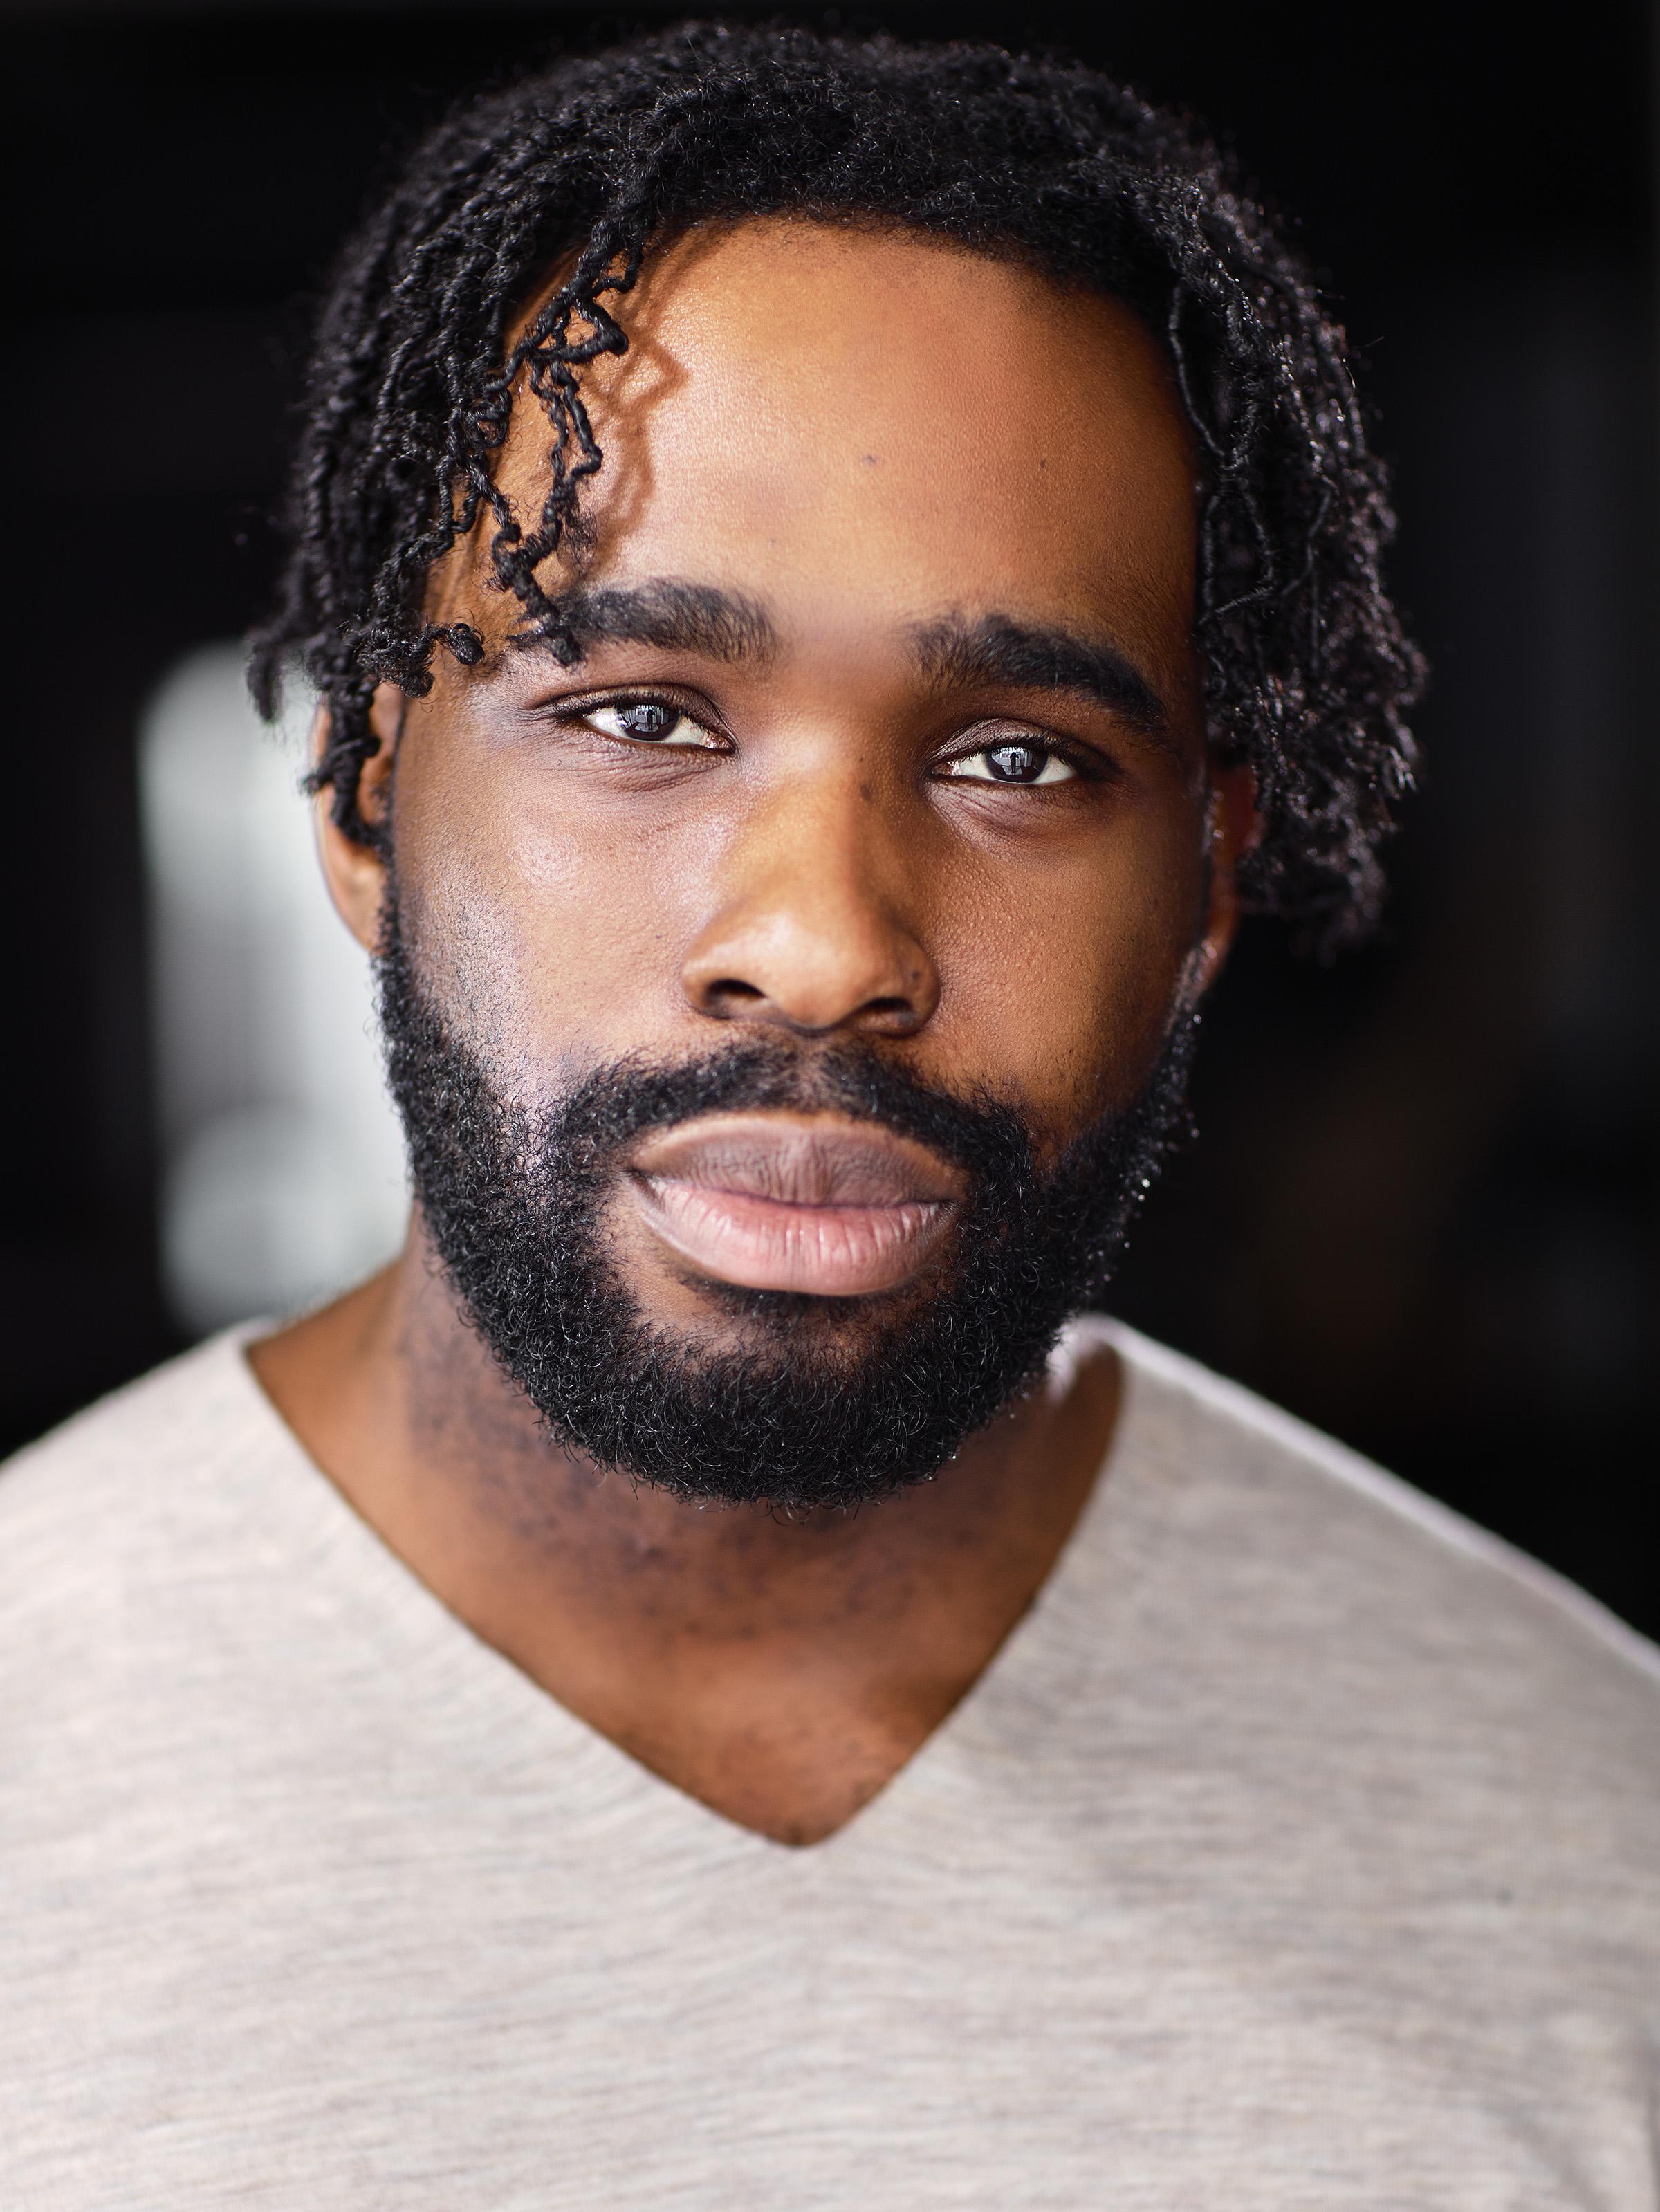 A headshot of actor Victory Ndukwe.